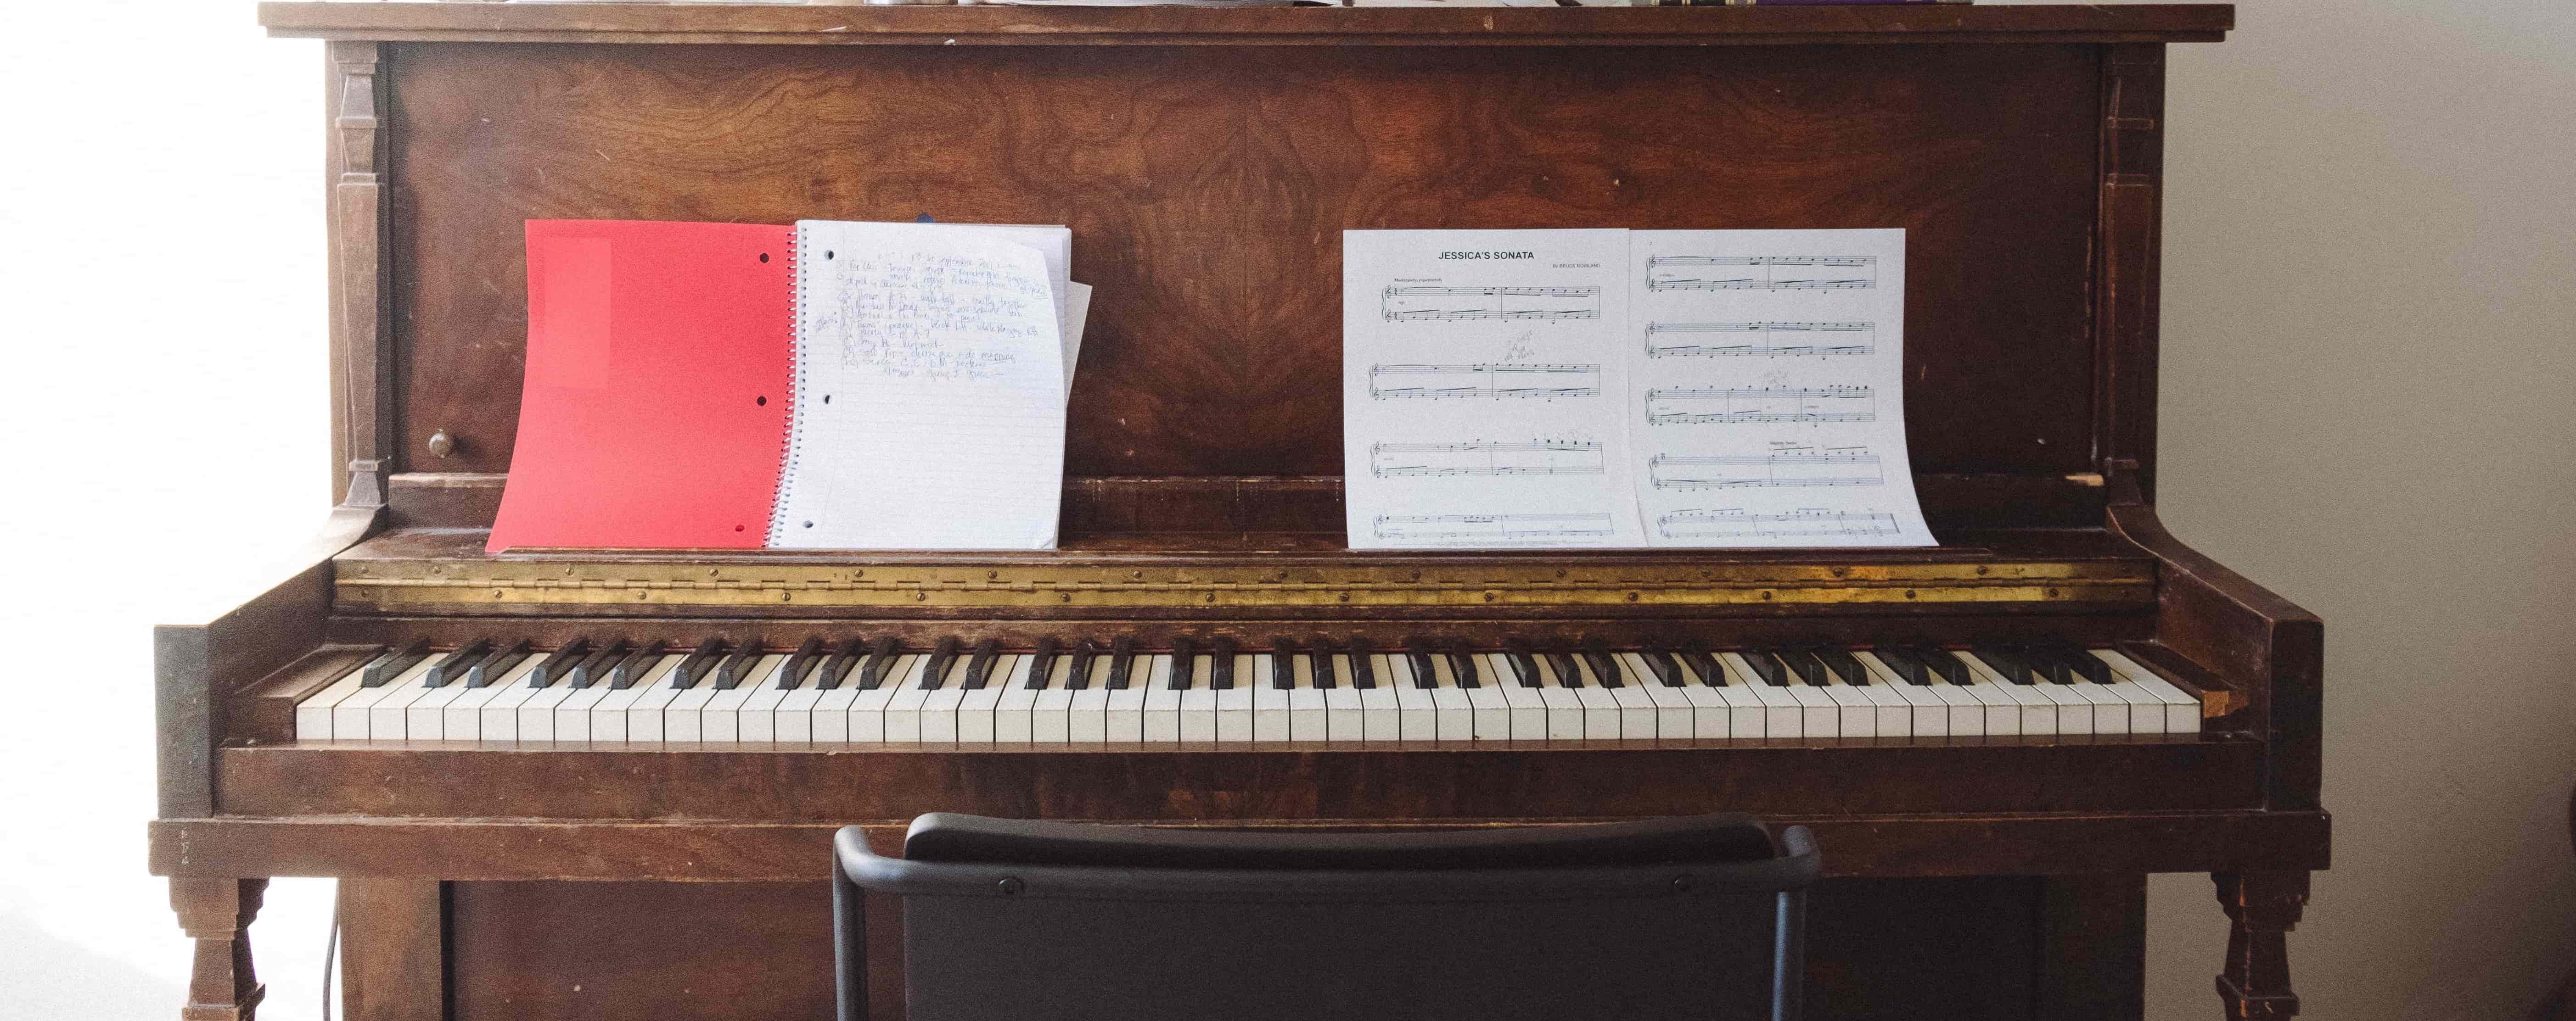 piano disposal